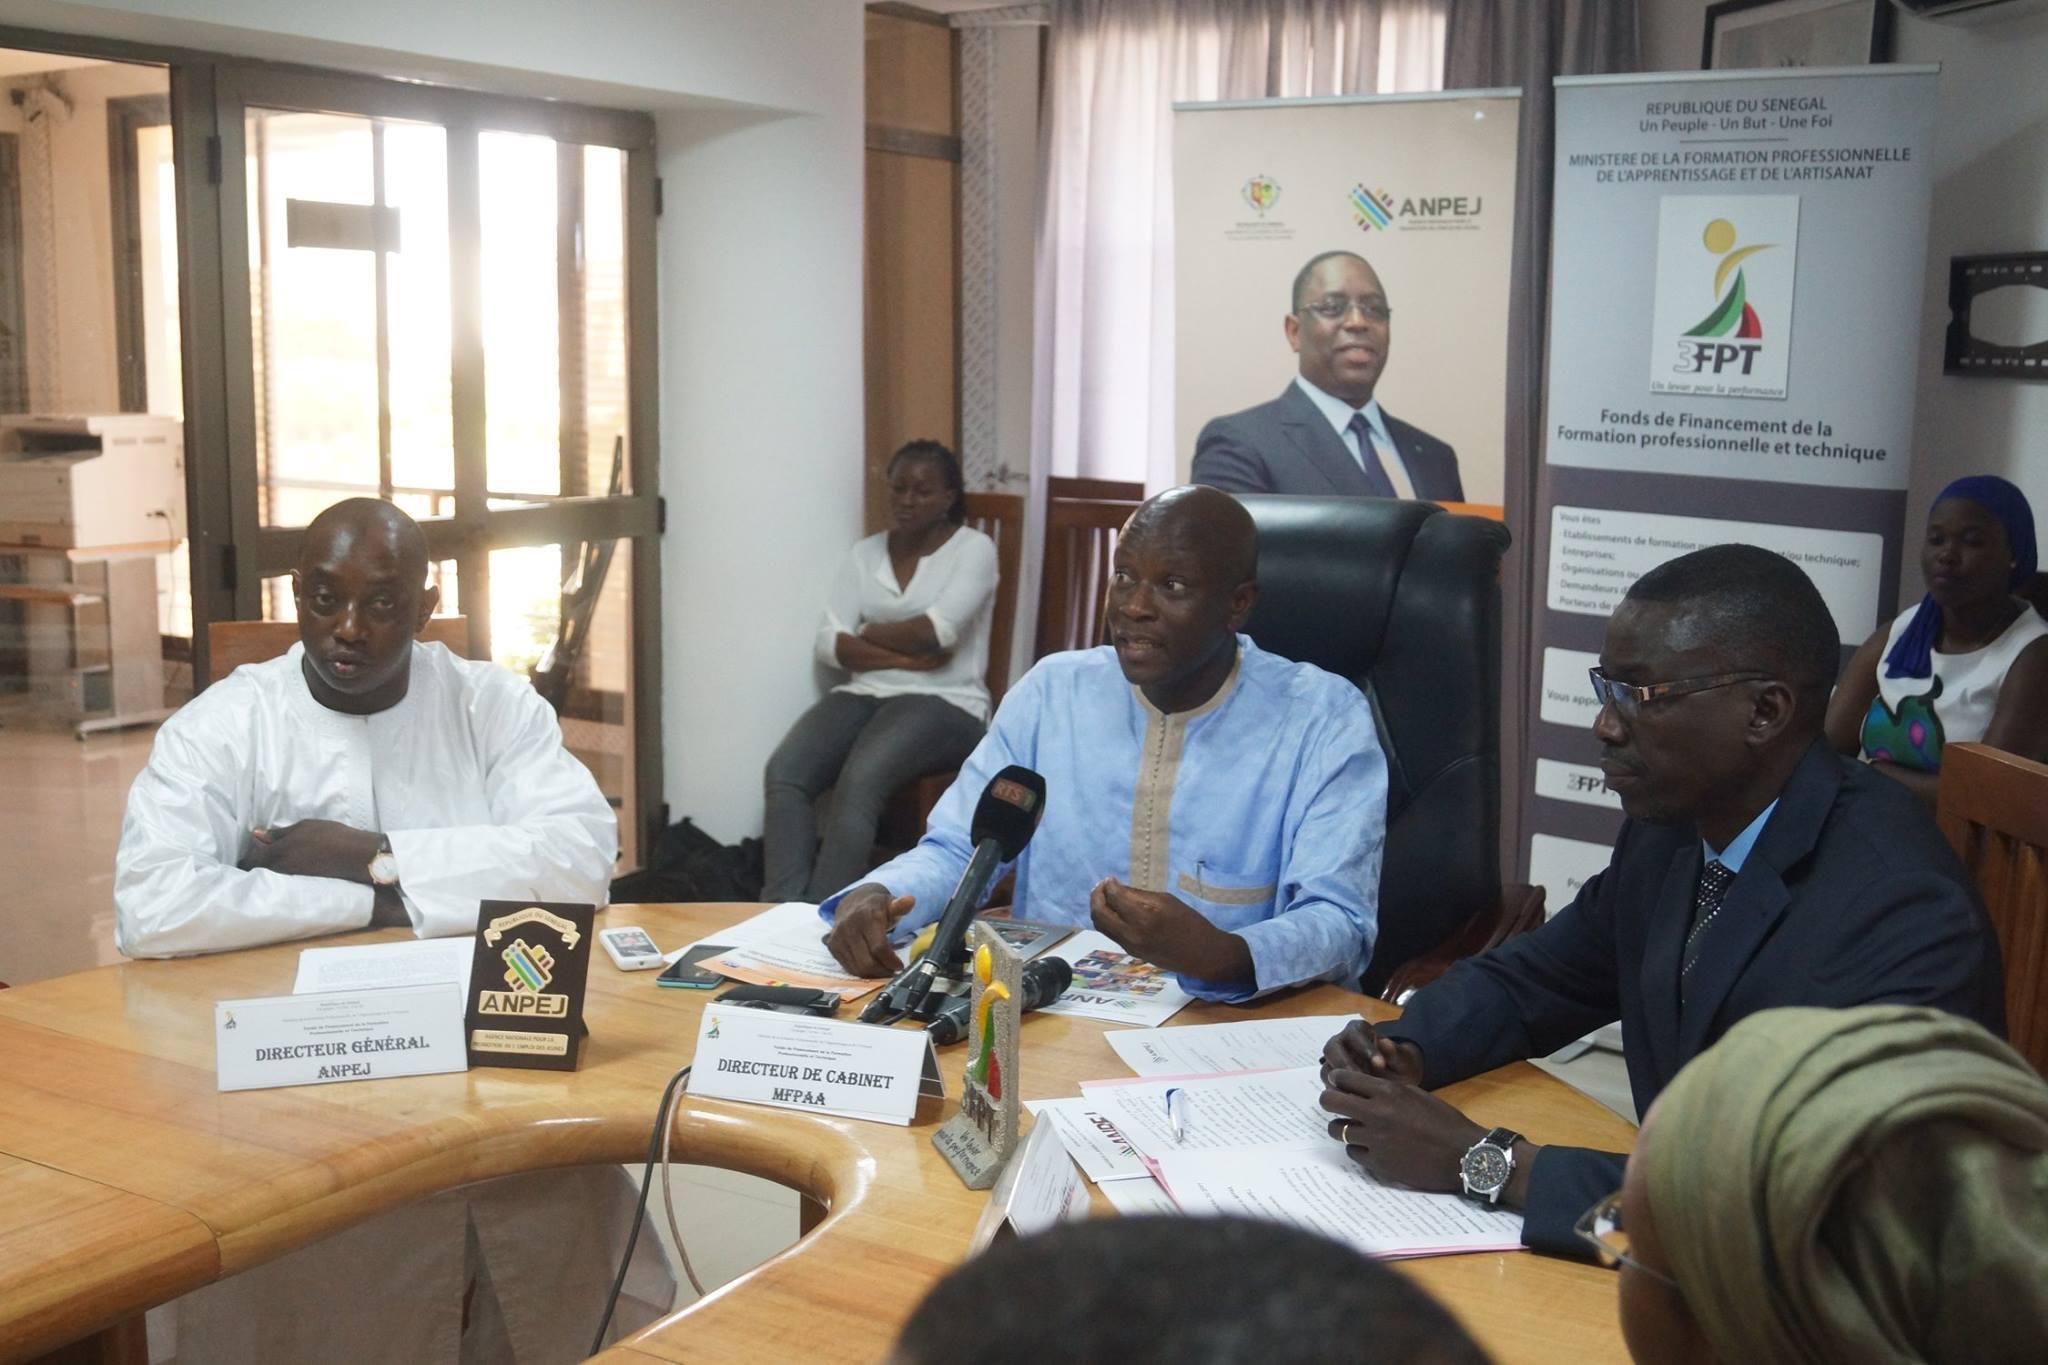 Politique de jeunesse : L'ANPEJ et le 3FPT mutualisent leurs ressources pour la formation pré-emploi des jeunes